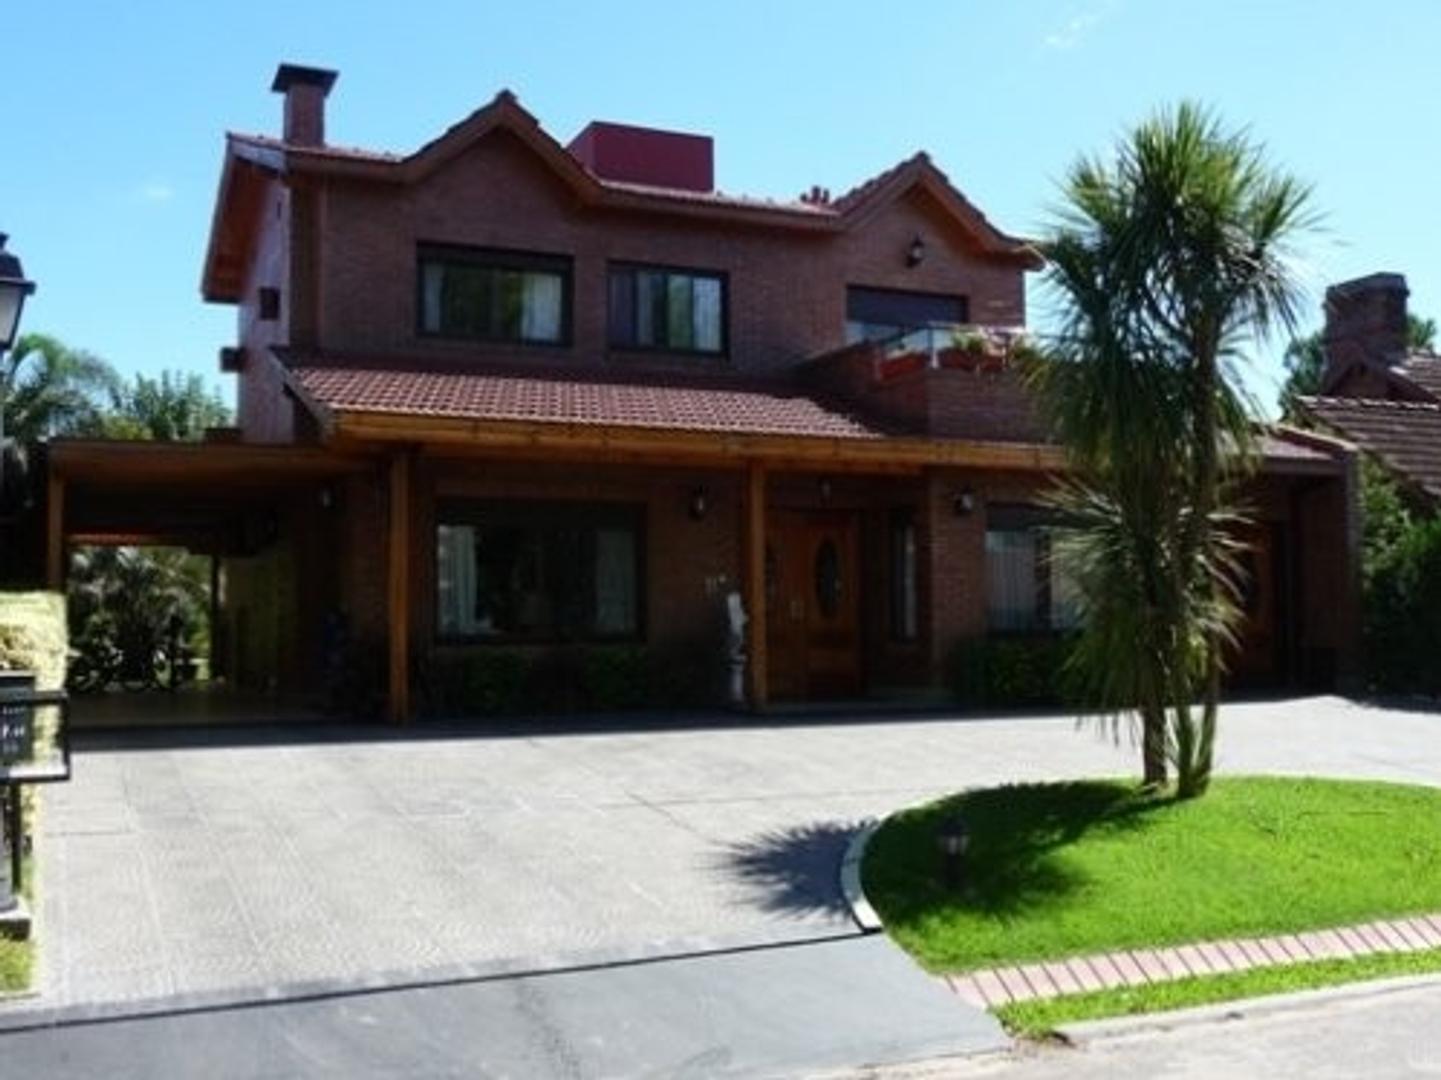 Casa  en Venta ubicado en Los Lagartos CC, Pilar y Alrededores - PIL1878_LP1787_3